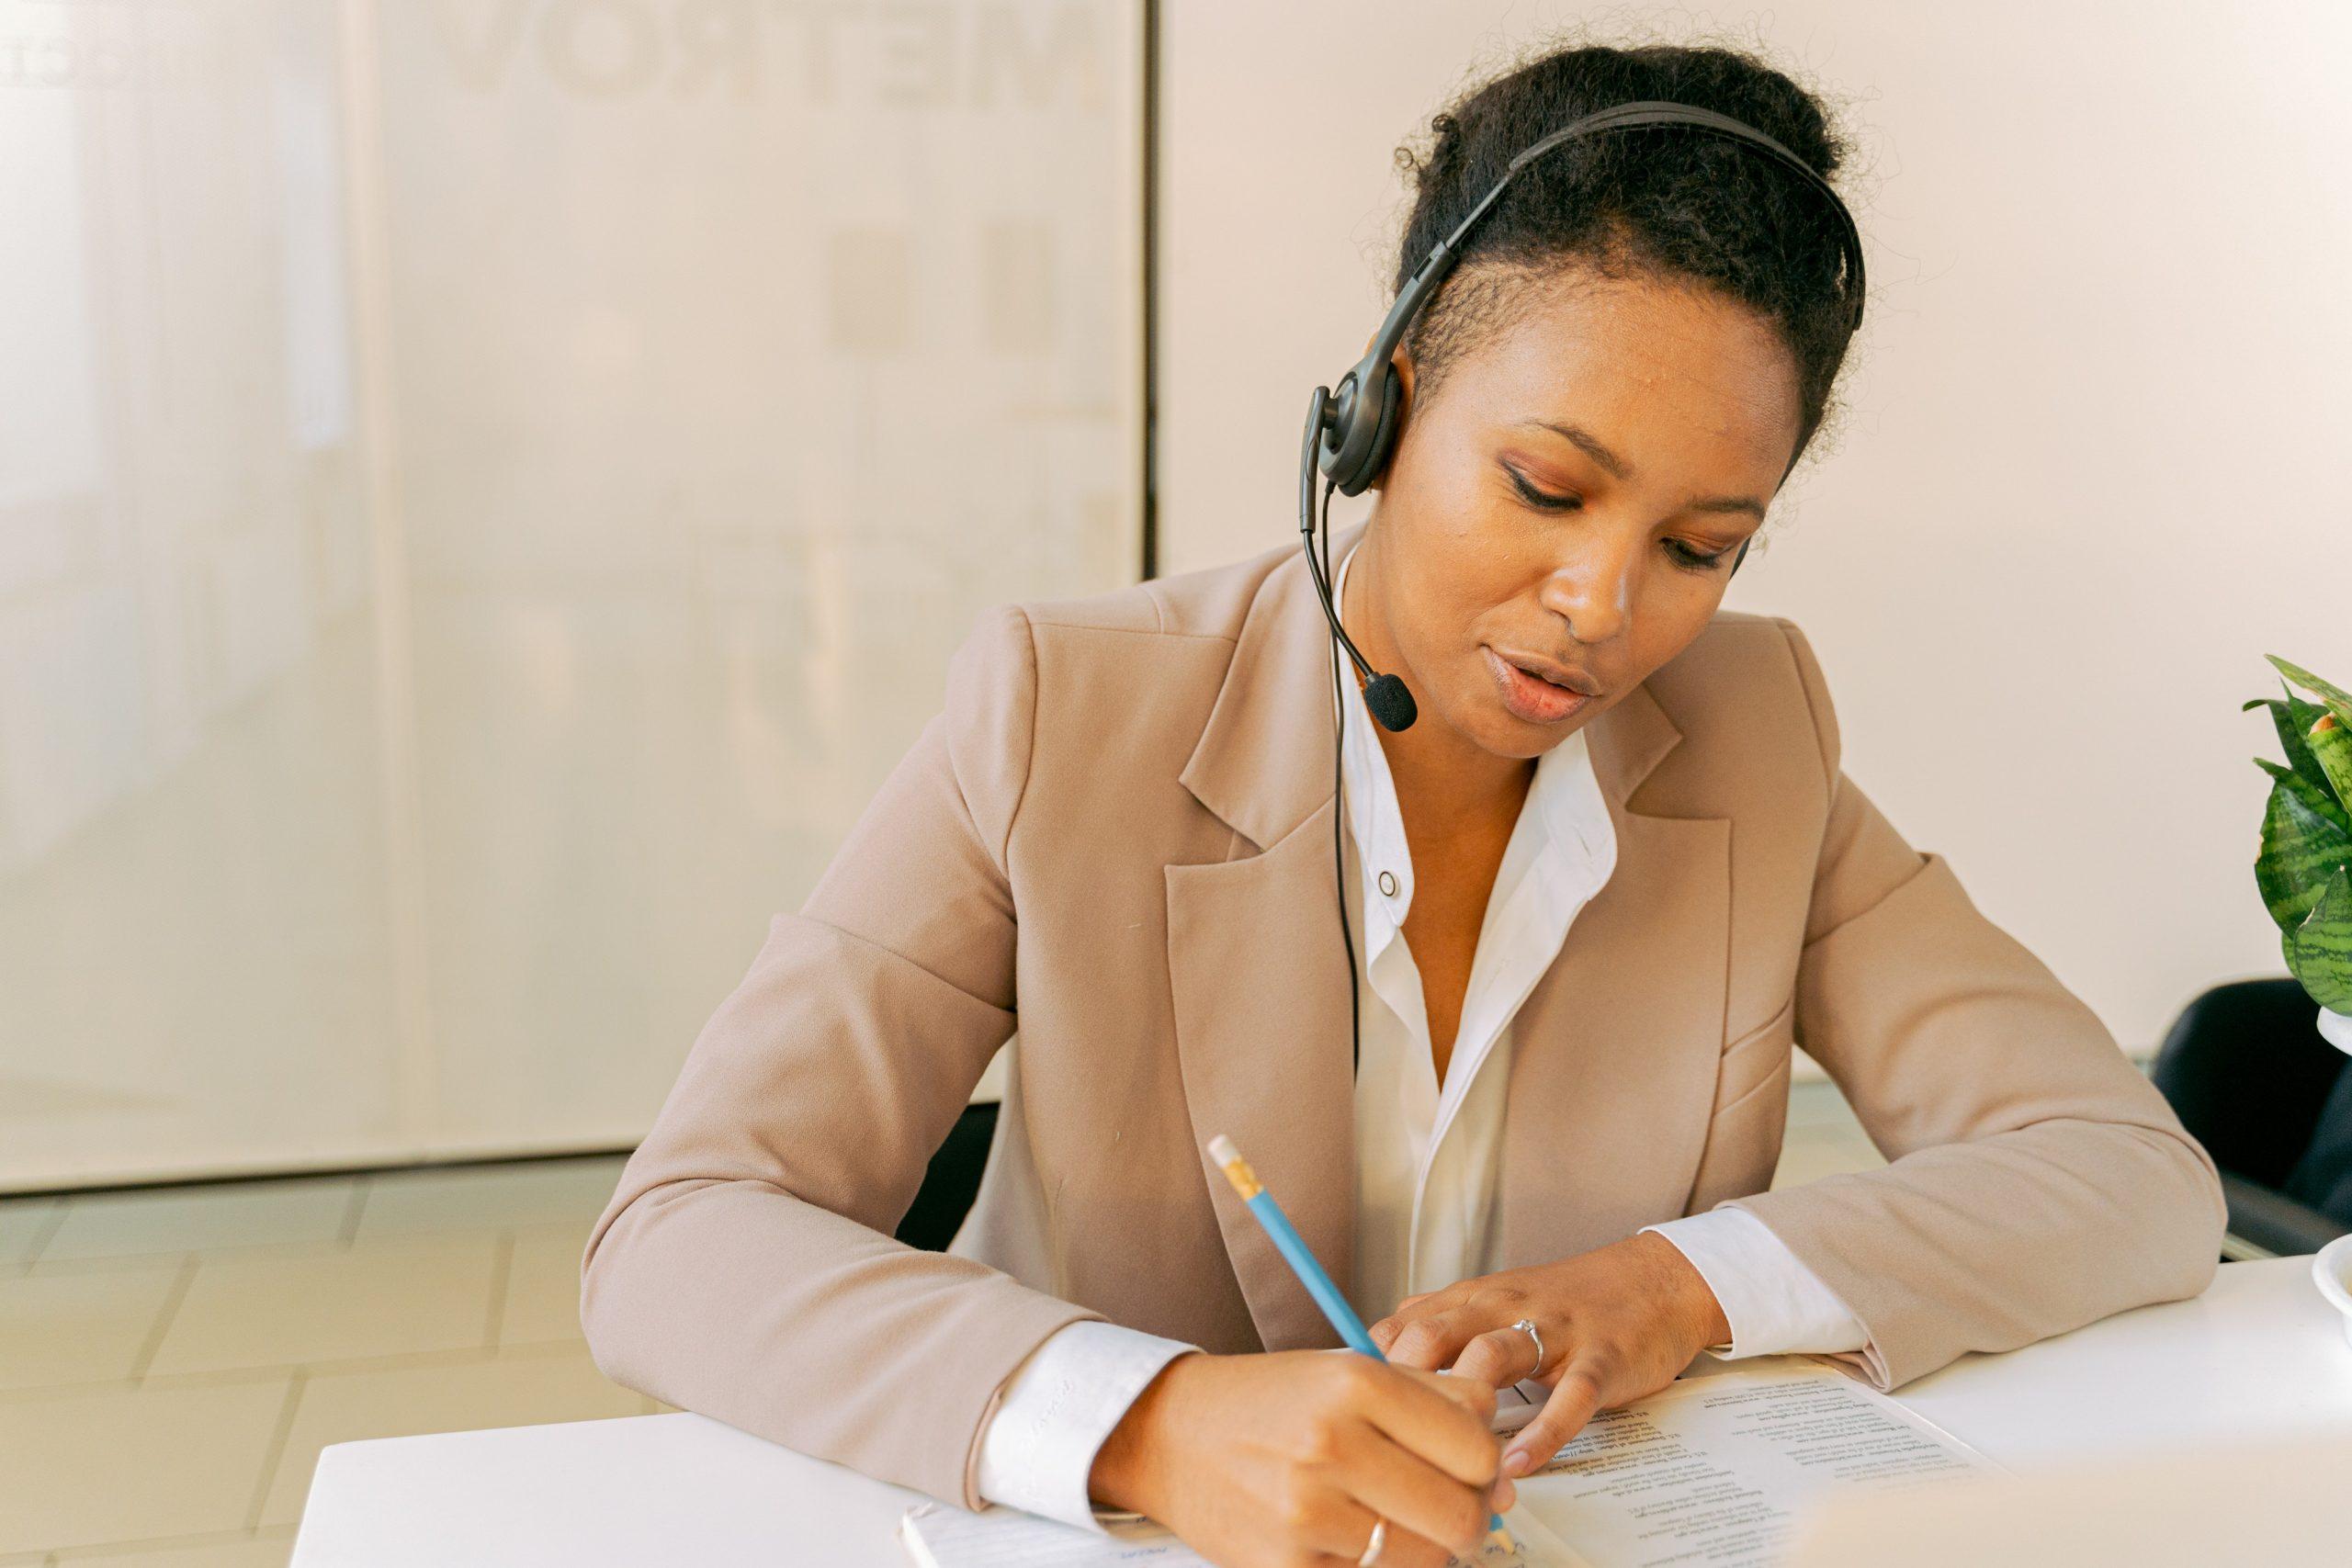 Imagem mostra mulher trabalhando sentada à sua mesa escrevendo enquanto usa um headset para falar ao telefone